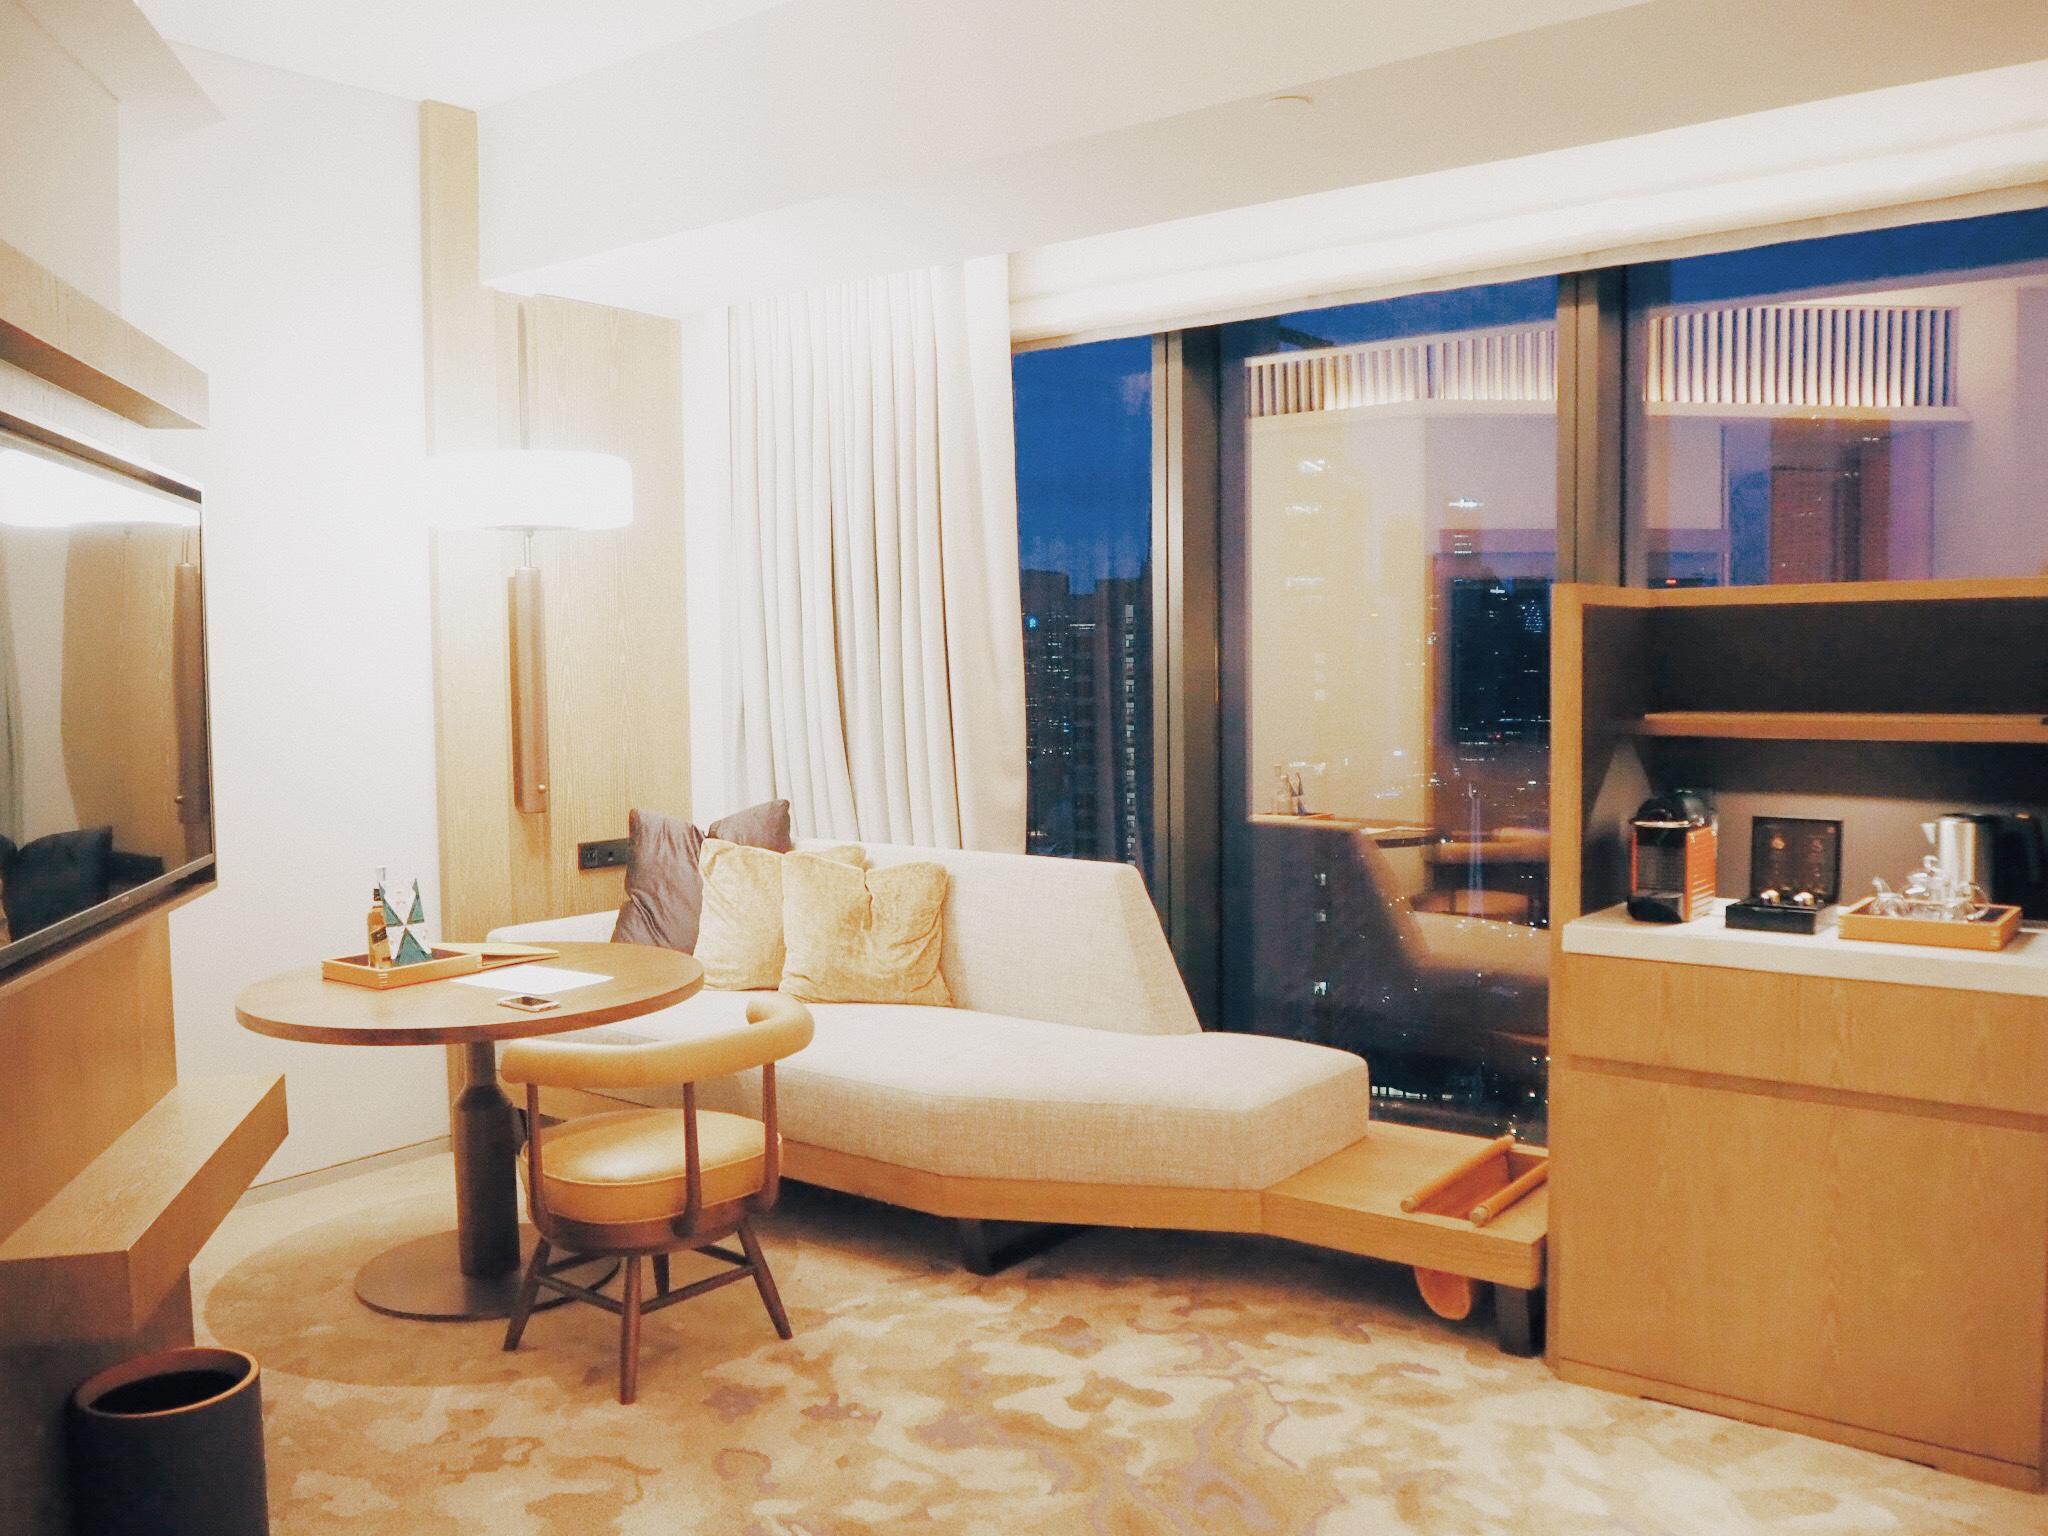 4d692fd9 705e 44ca 9be8 2c9603944520 1 - Andaz Singapore - ハイアット系列五つ星ホテル「アンダーズシンガポール」にまた泊まりたい理由